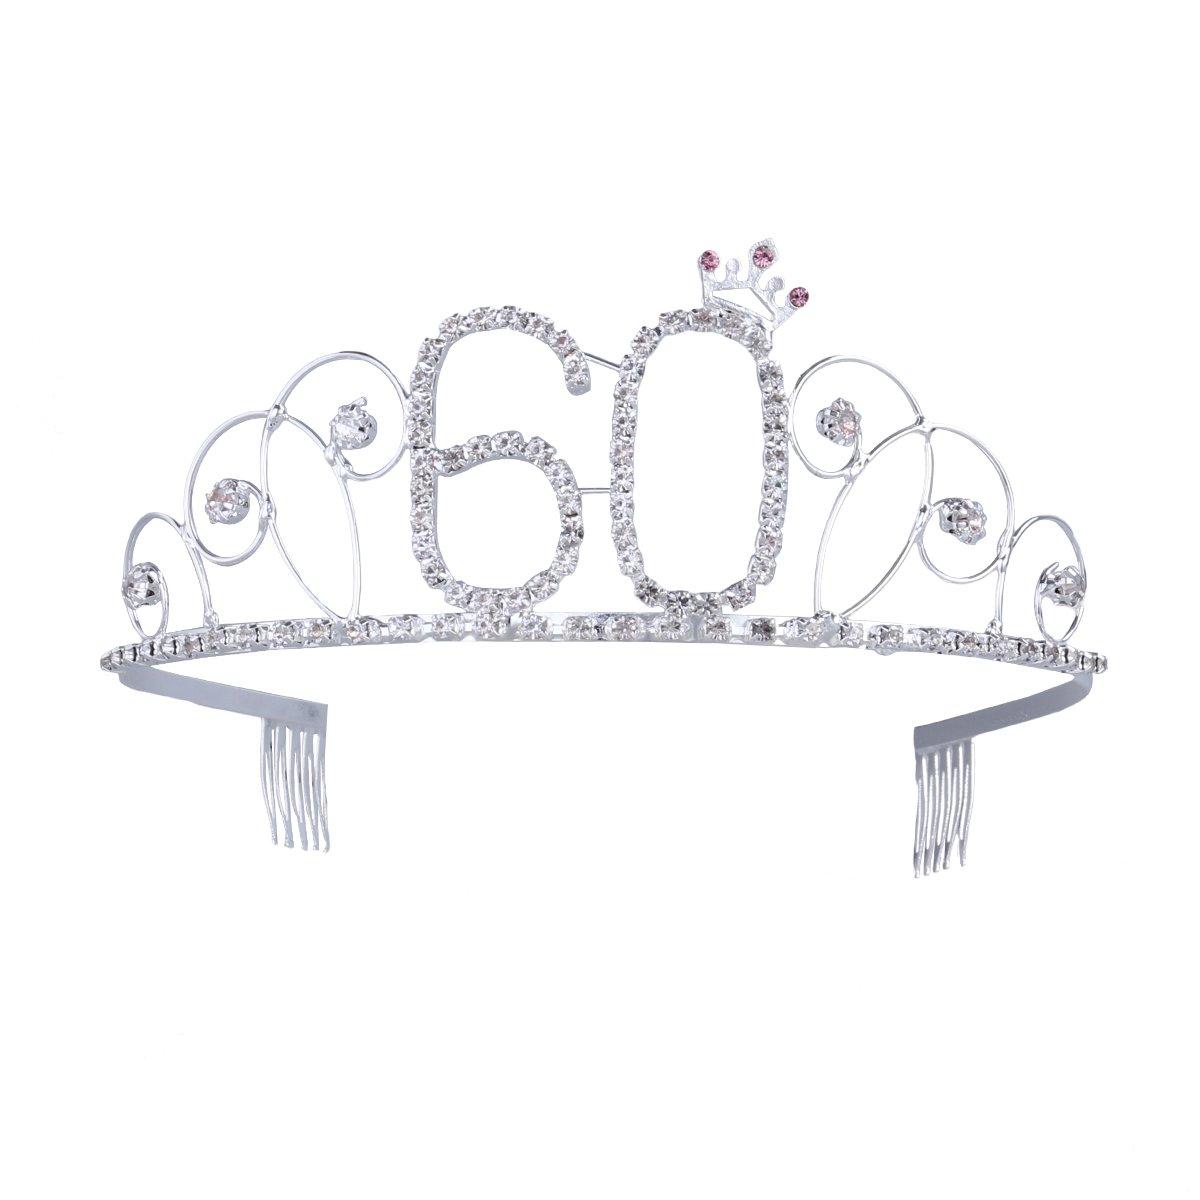 Frcolor Krone Geburtstag 60 Diadem Tiara mit Haarkamm Kristall Strass Silber Geburtstagsgeschenk 60 Jahre für Frauen